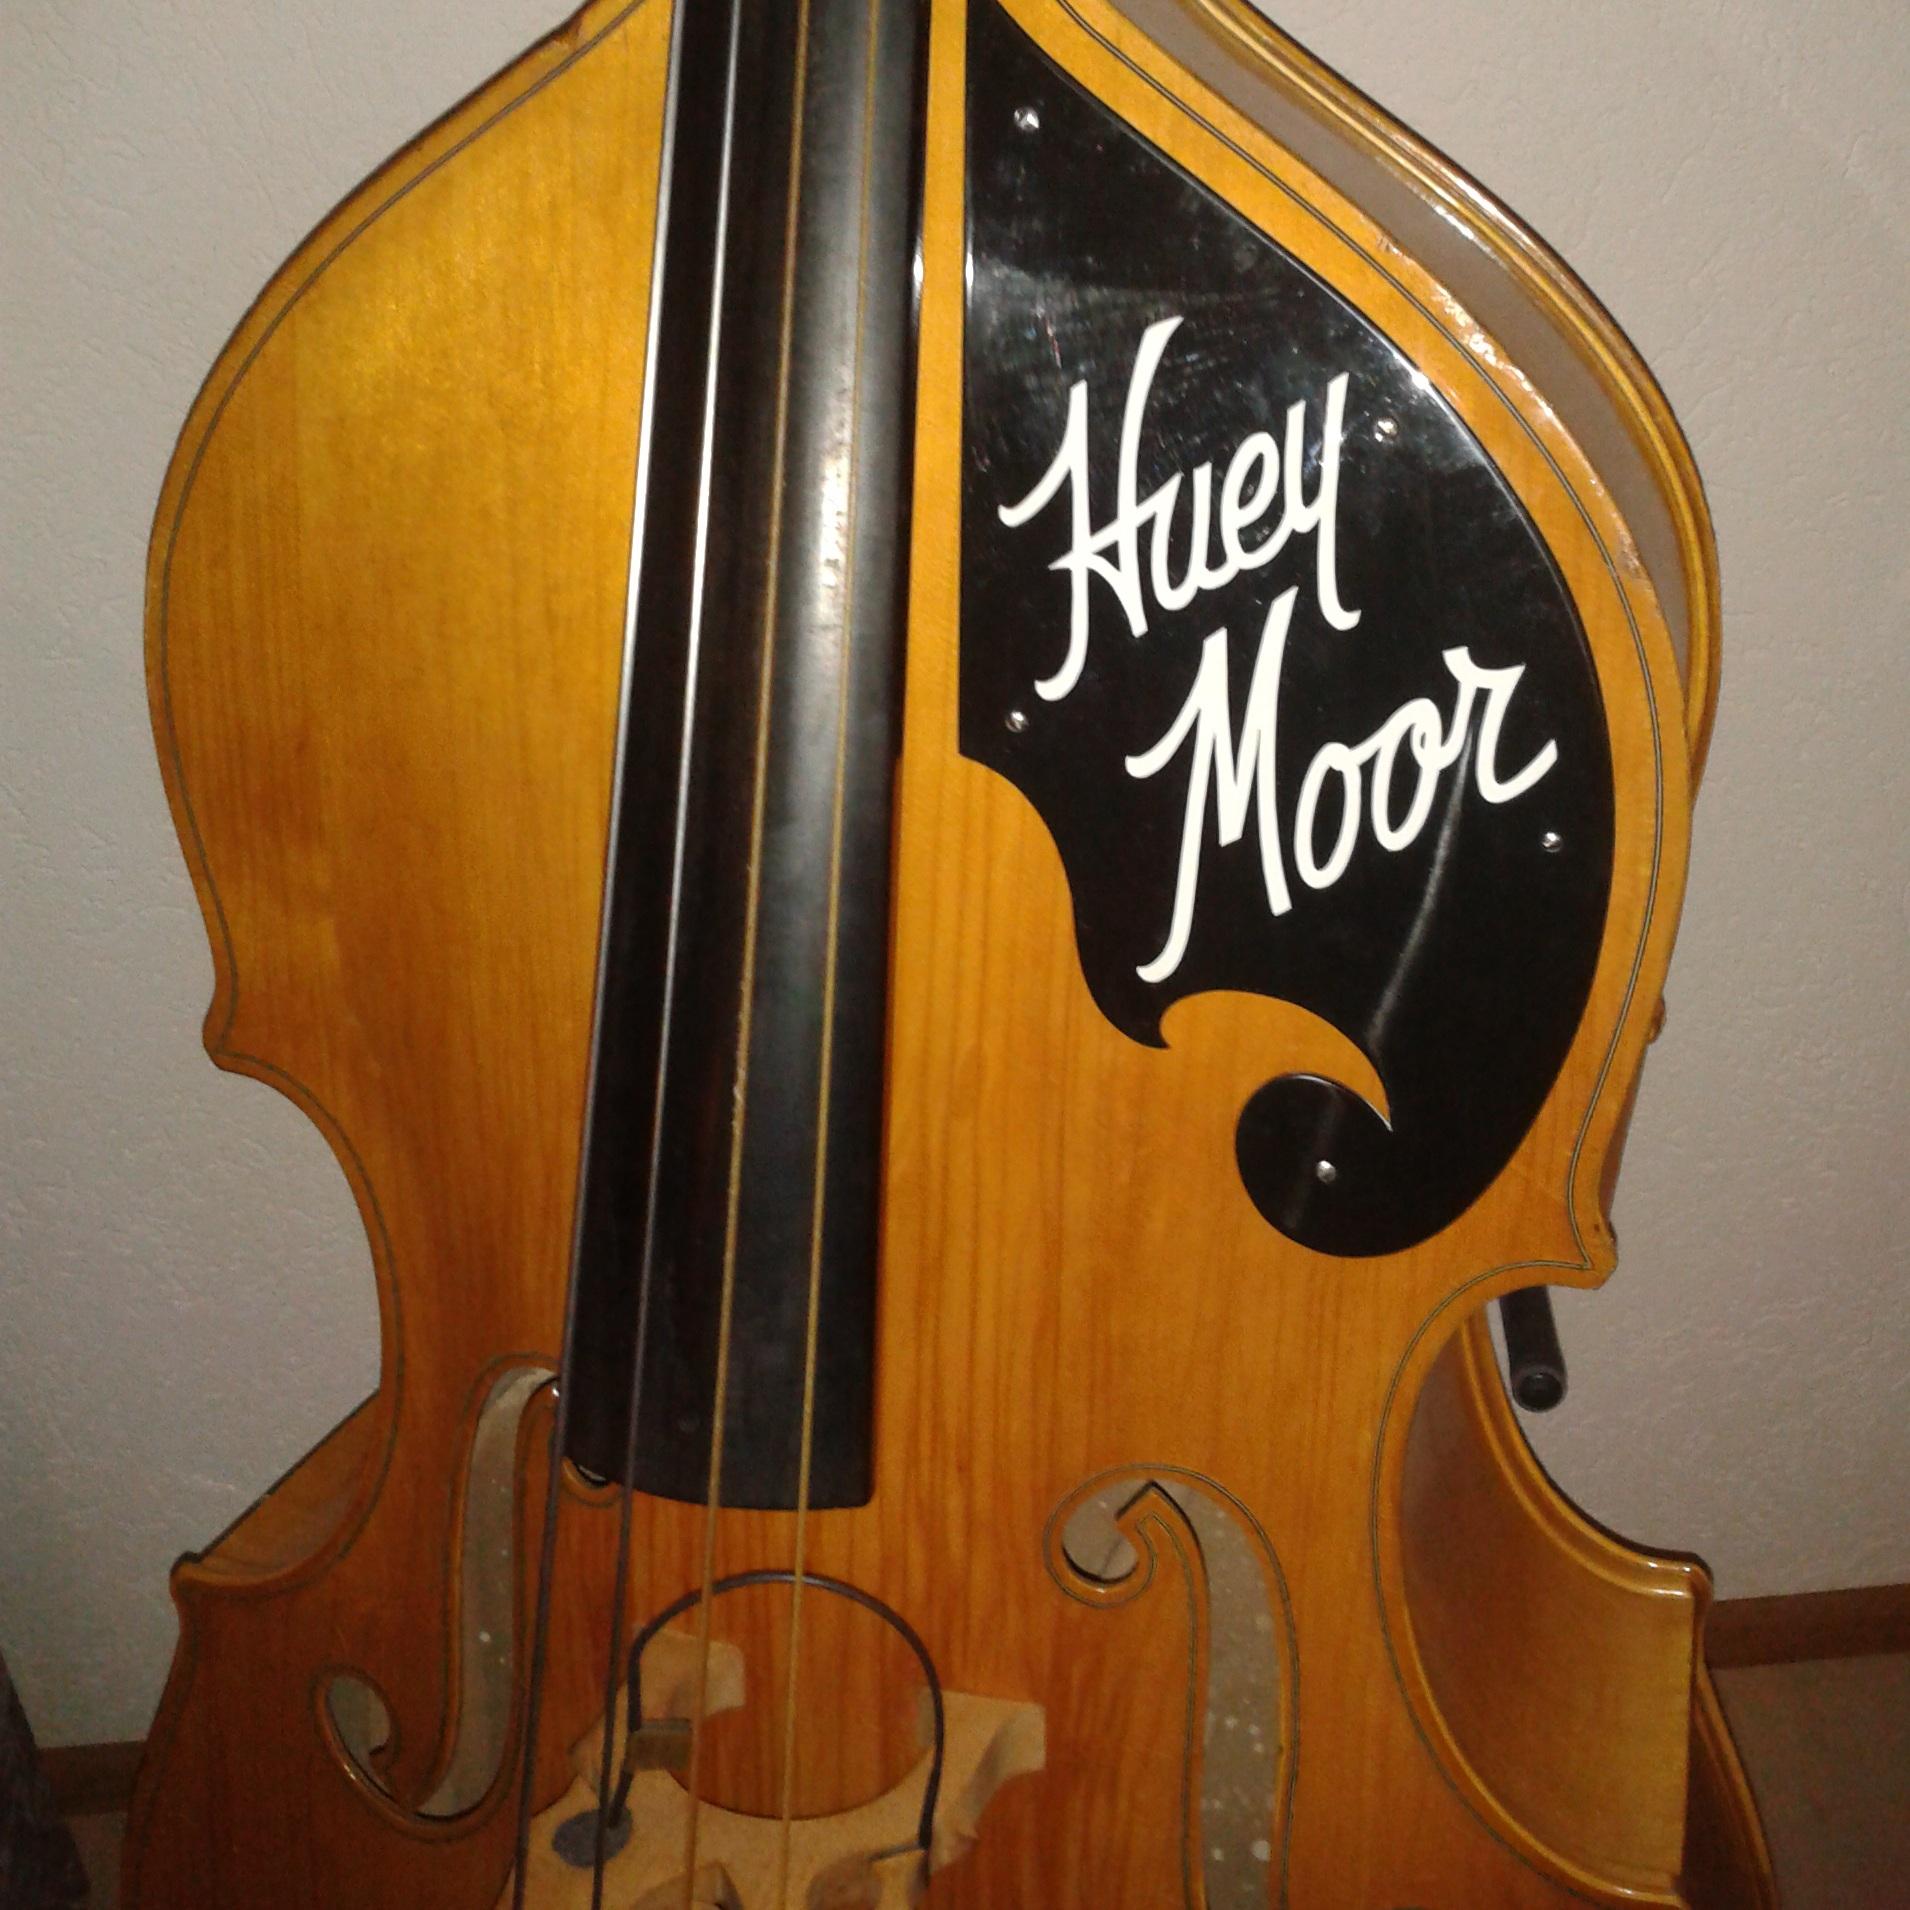 Huib (Huey) Moor